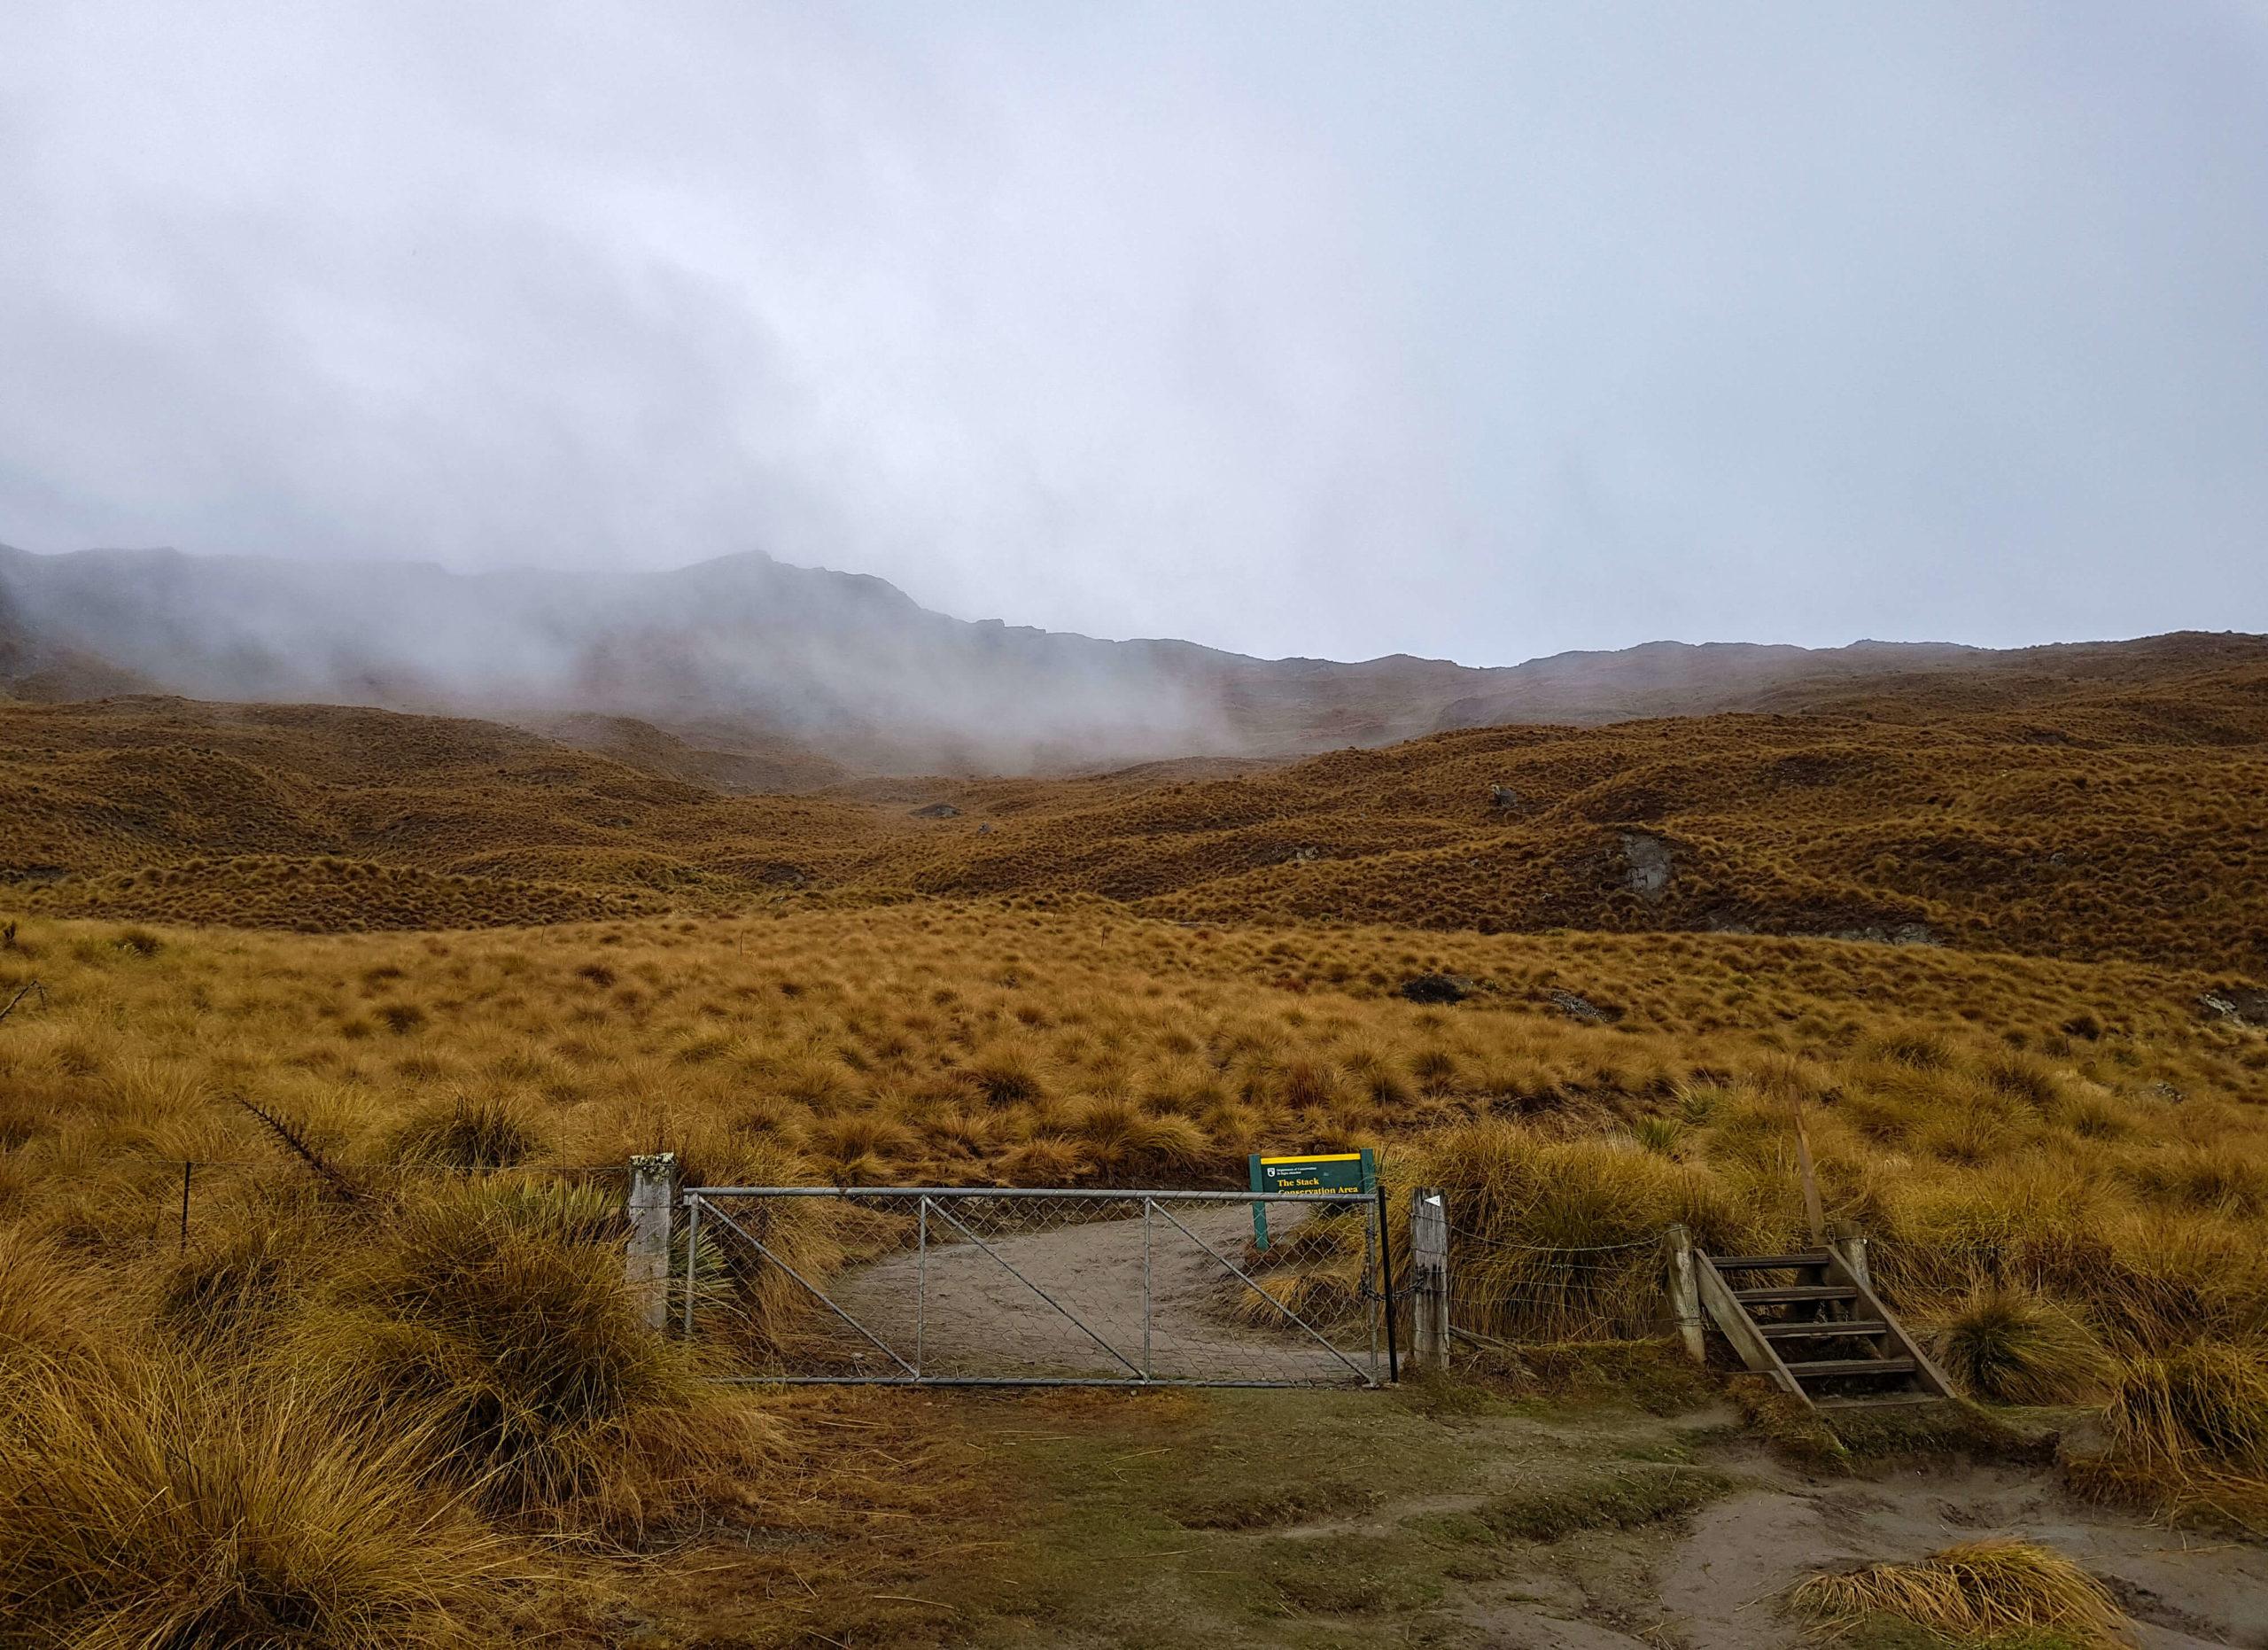 Sentier de randonnée du Roys Peak